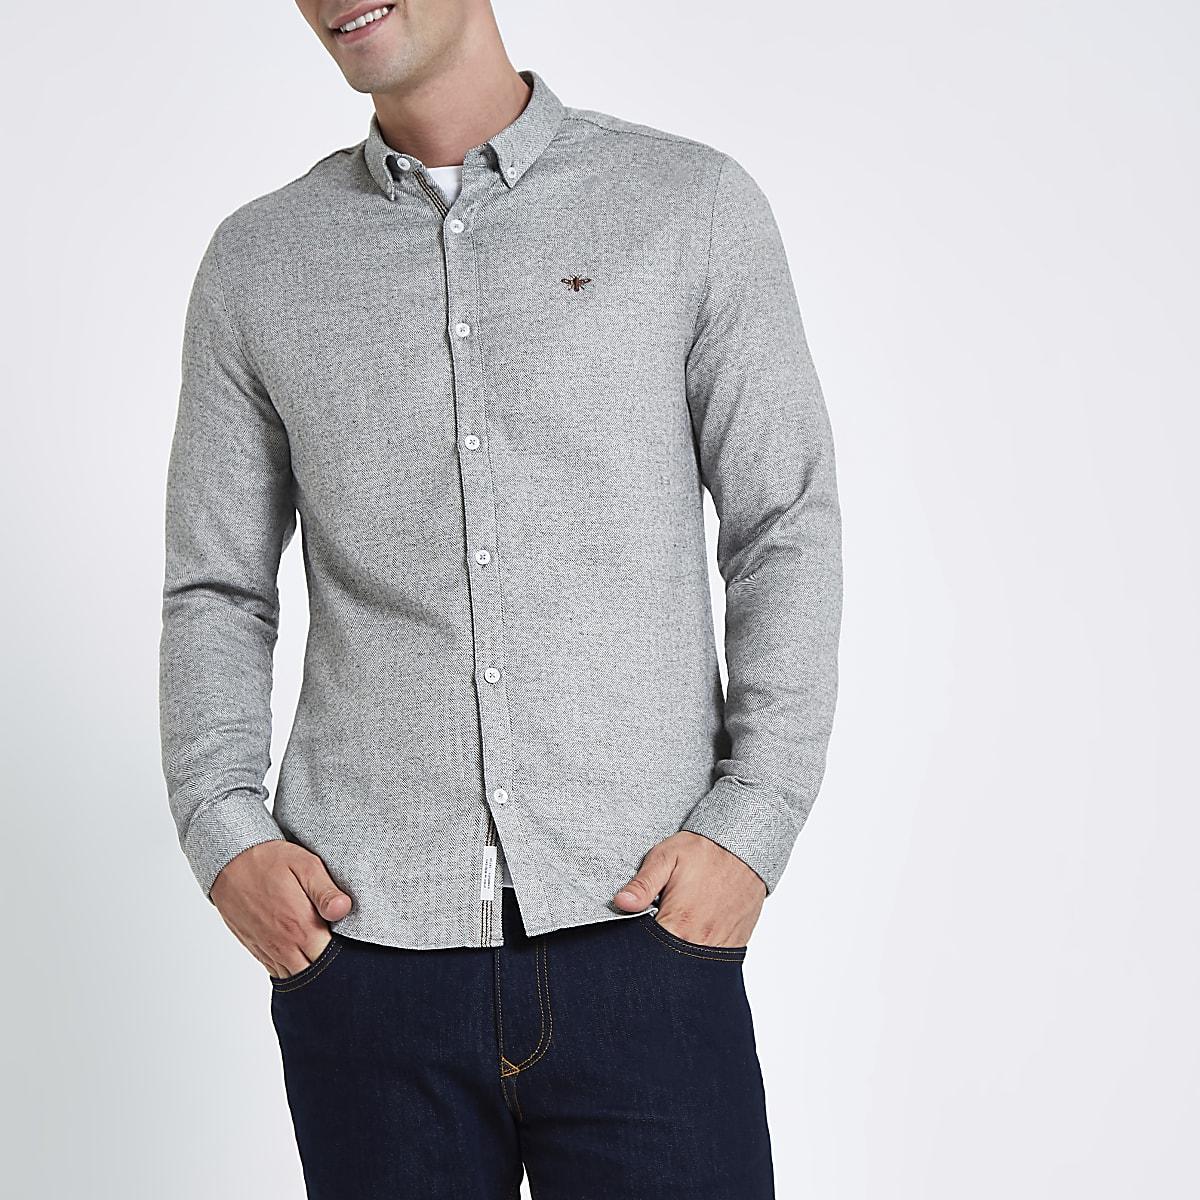 Grijs Overhemd Heren.Grijs Overhemd Met Visgraatmotief Wespenprint En Knopen